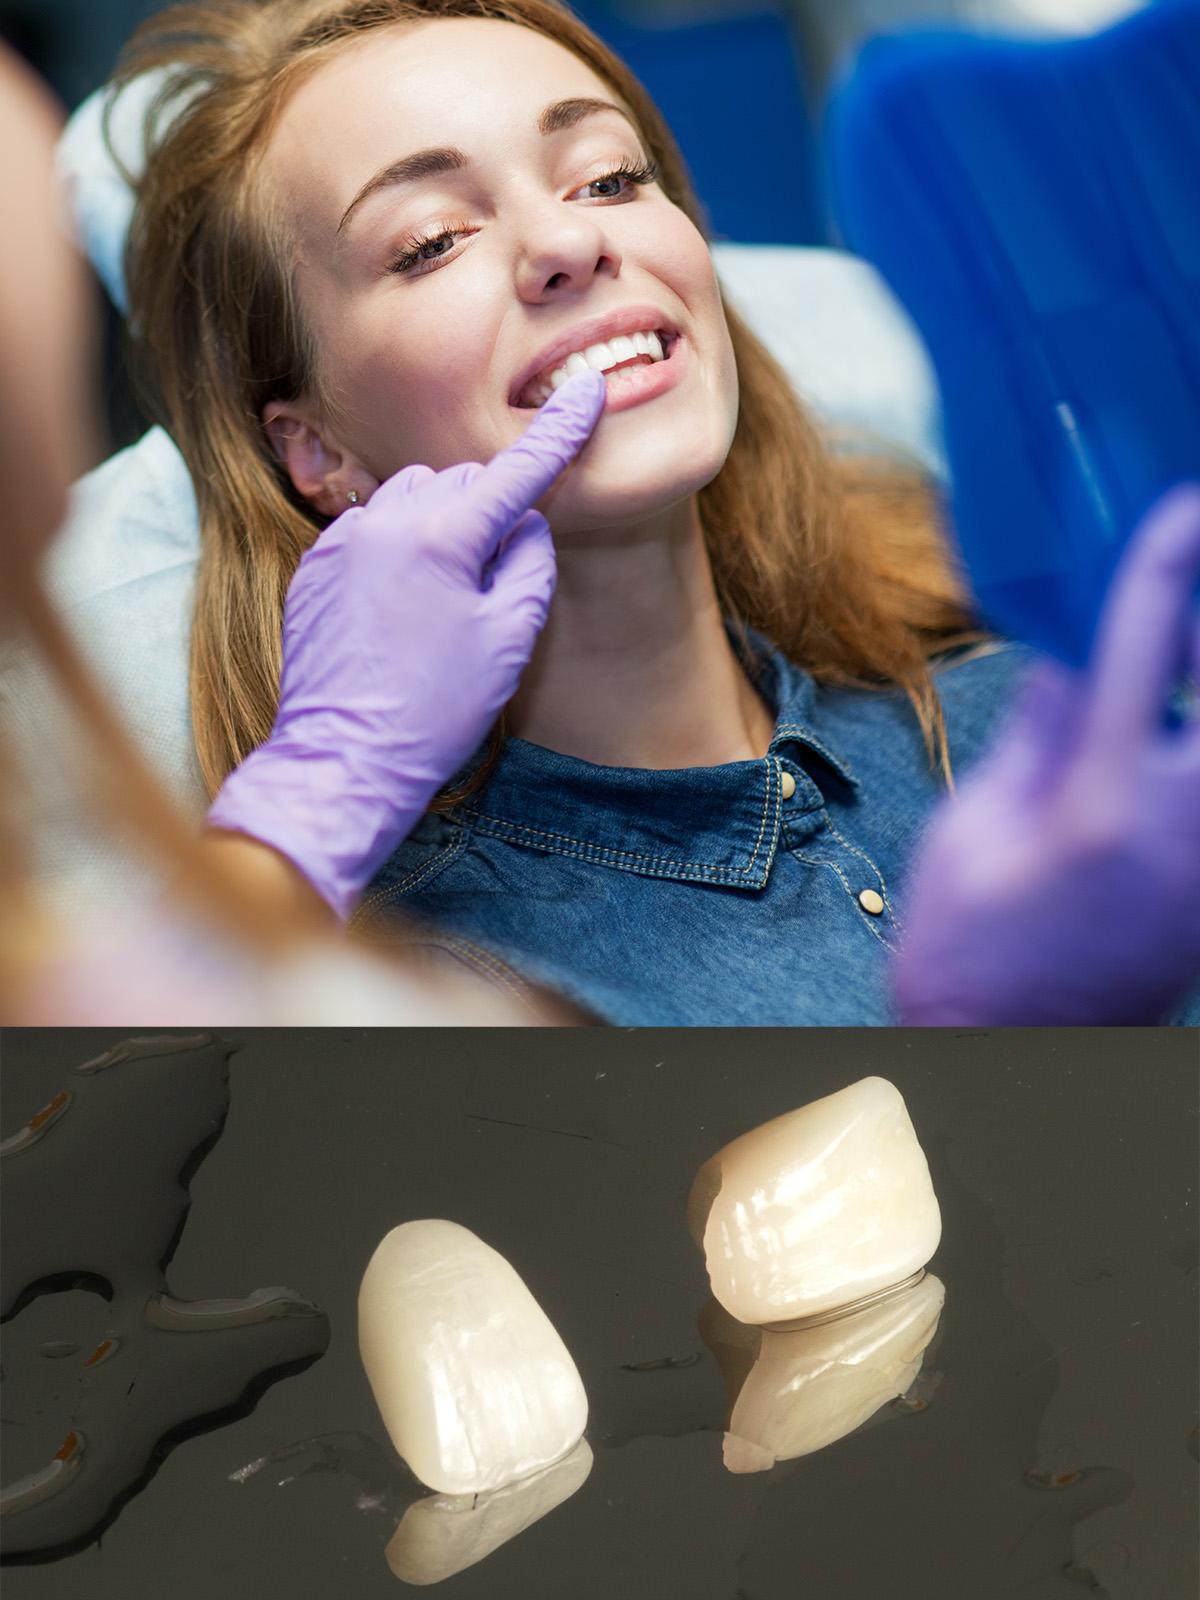 Leeming-dental-dental-CEREC-veneers